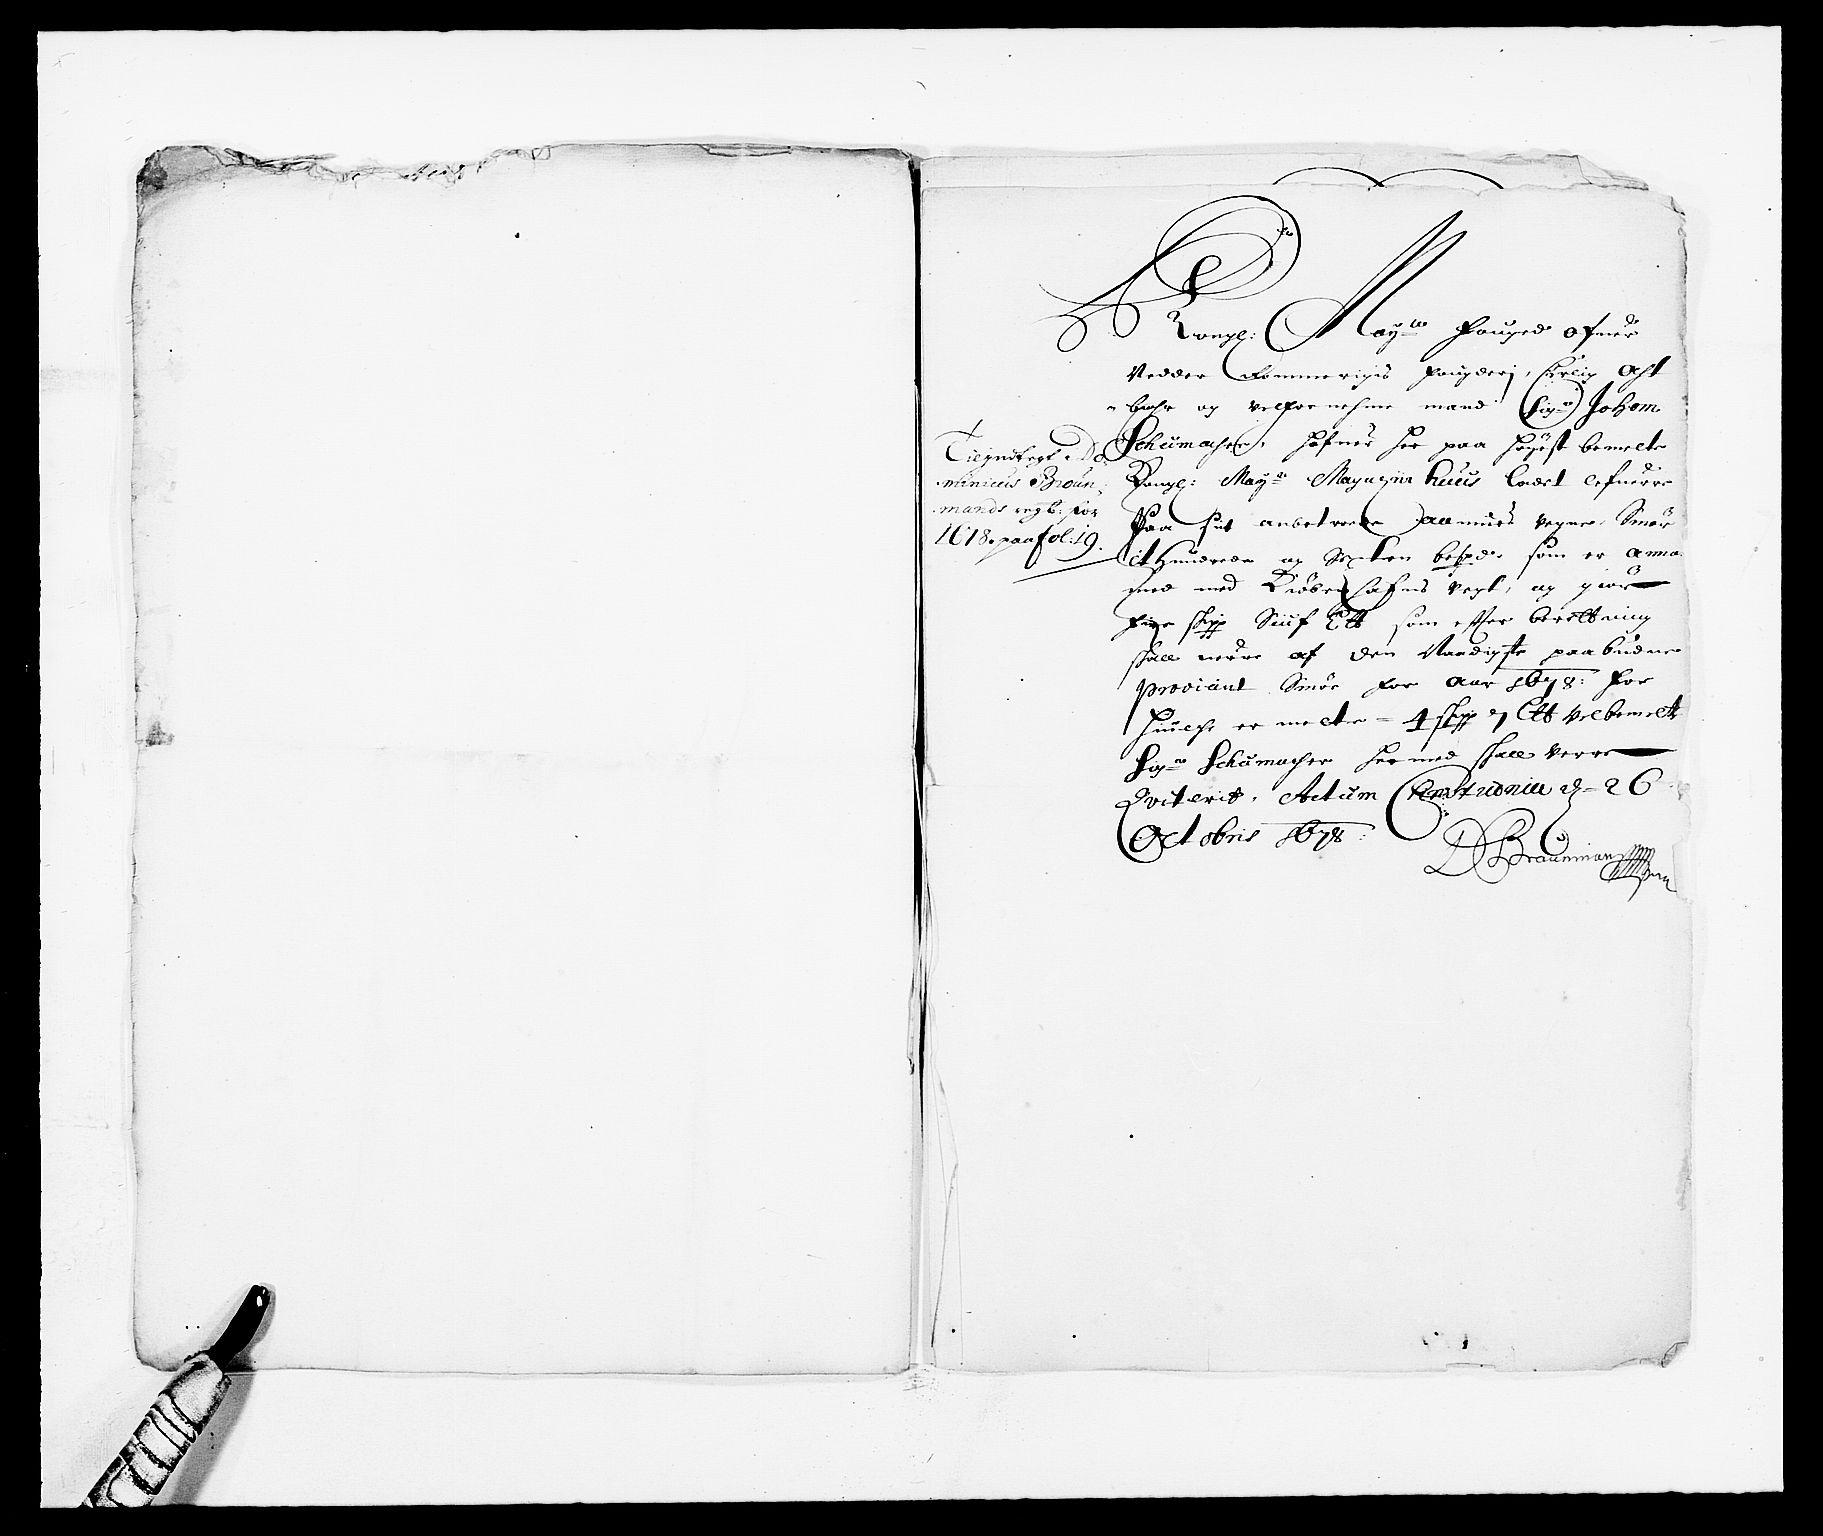 RA, Rentekammeret inntil 1814, Reviderte regnskaper, Fogderegnskap, R11/L0567: Fogderegnskap Nedre Romerike, 1678, s. 281